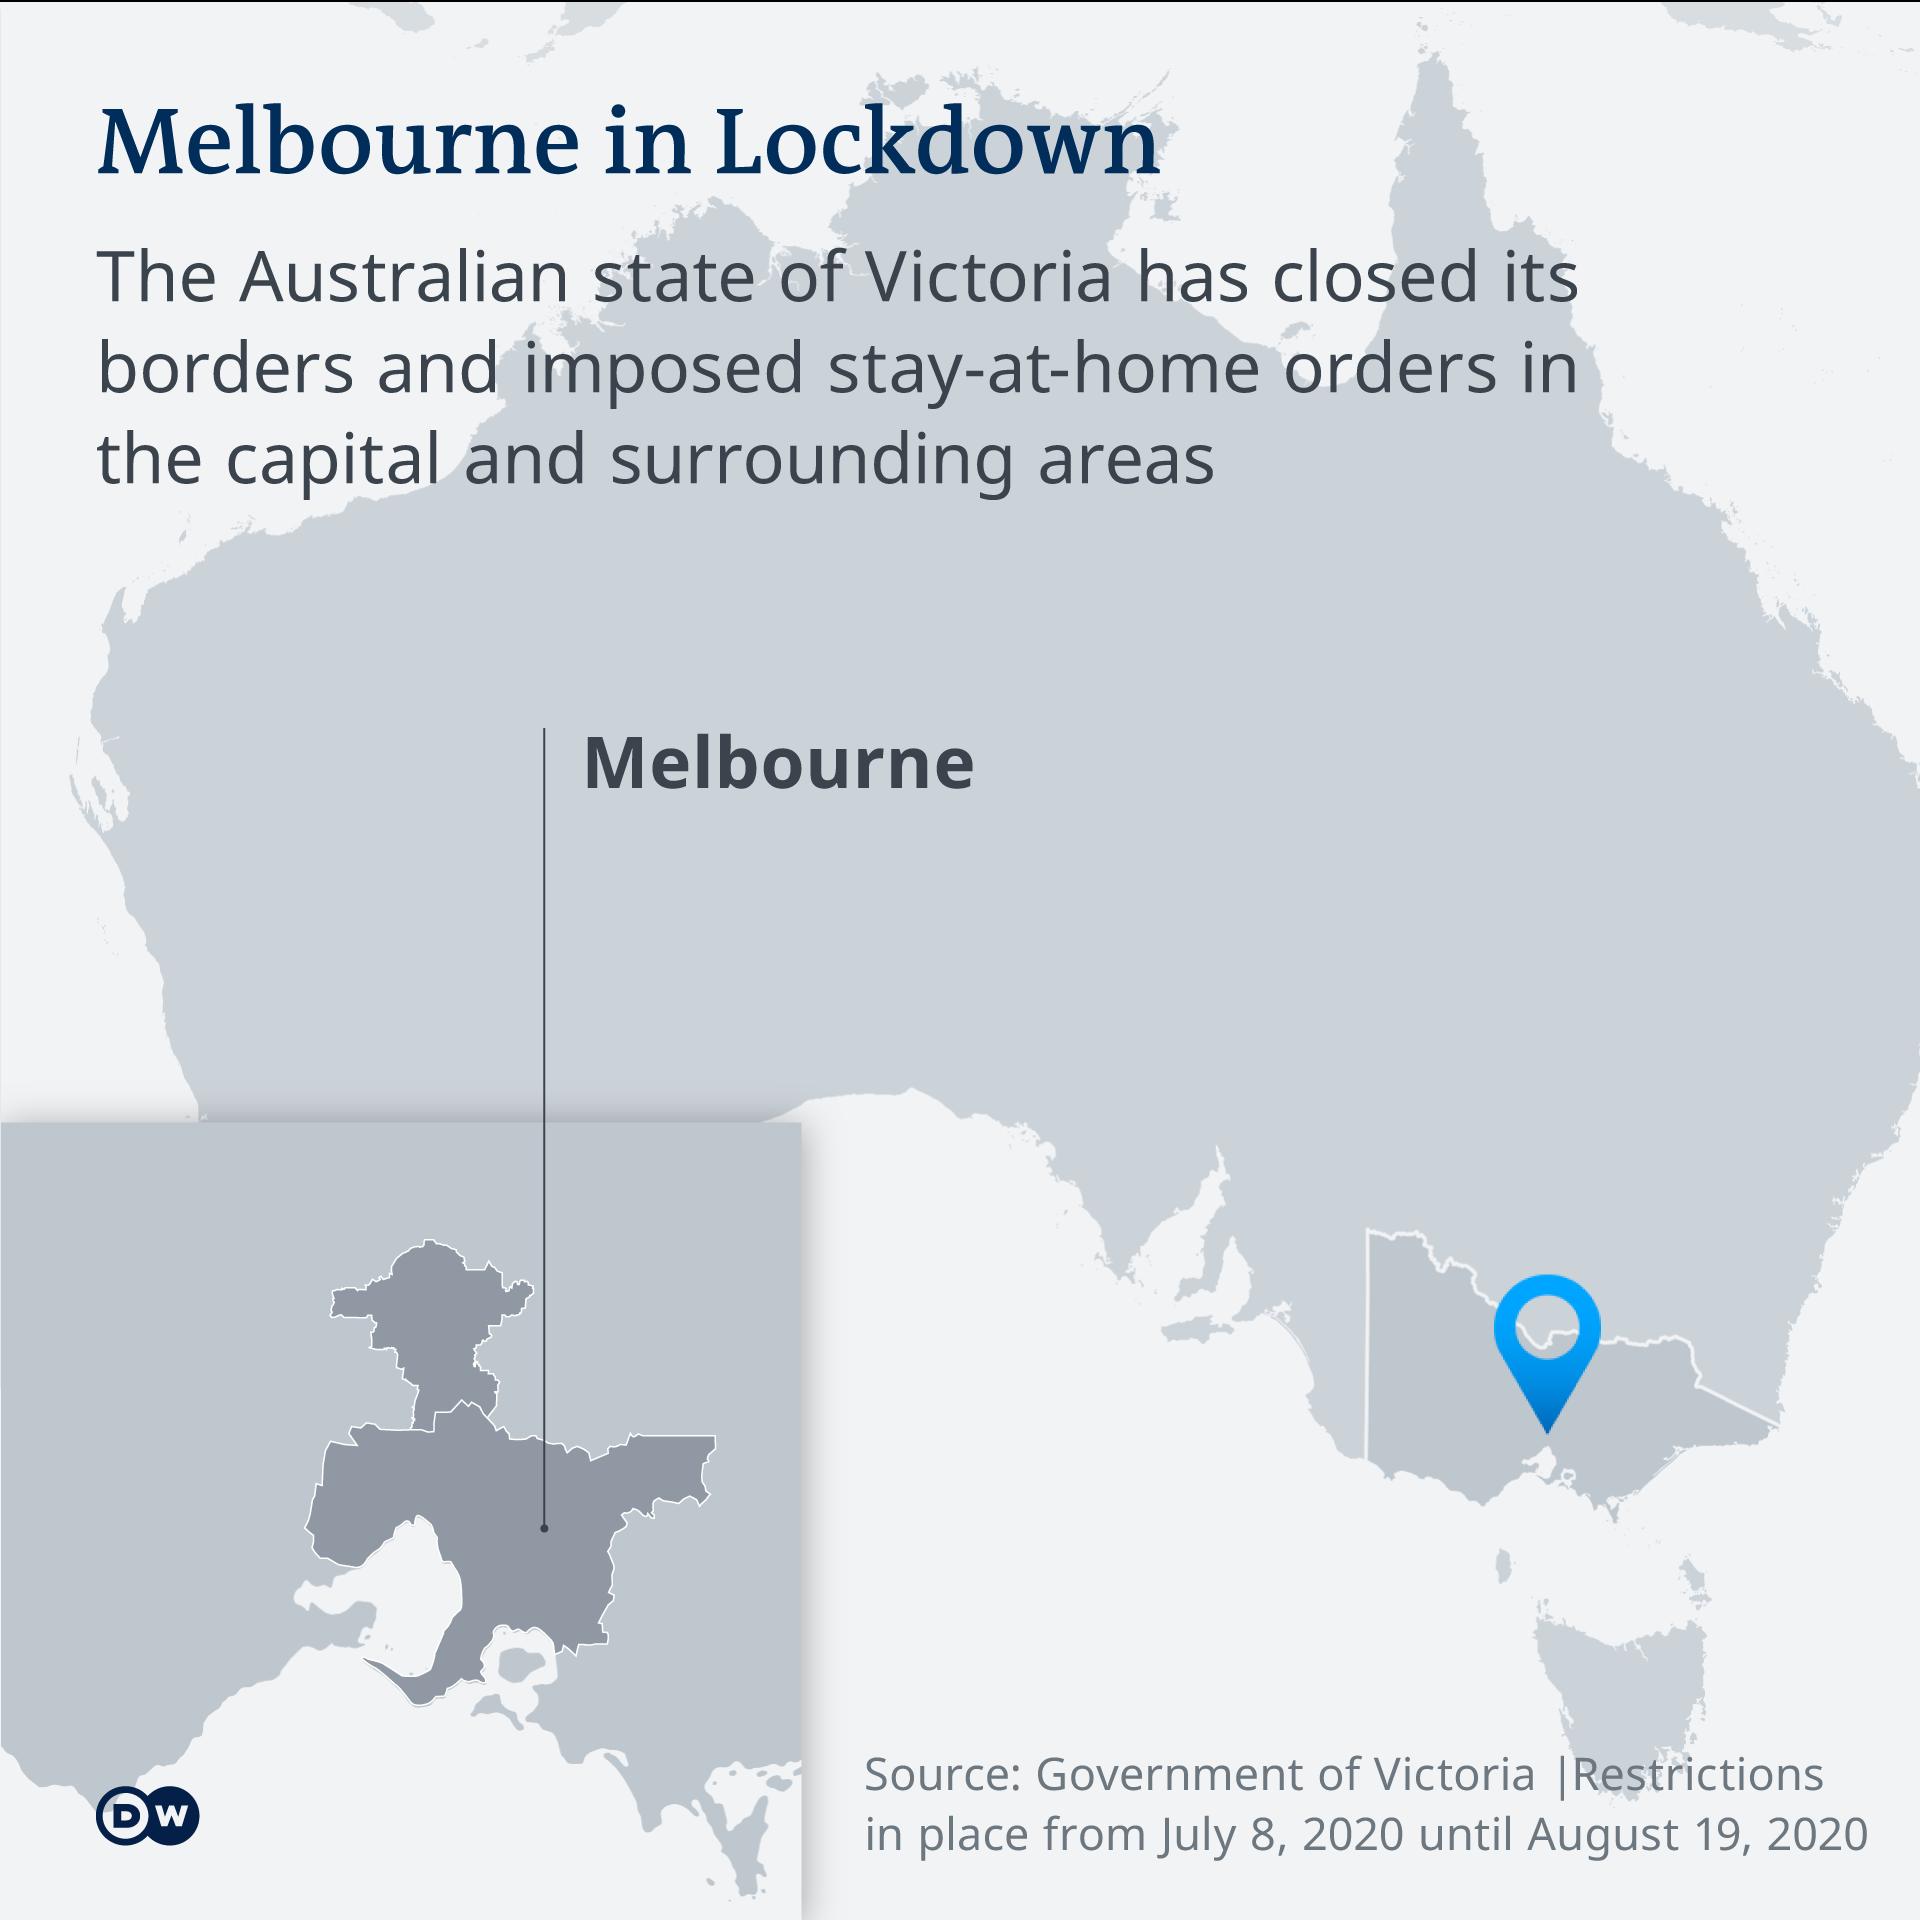 DW map showing Australia and Melbourne's location EN